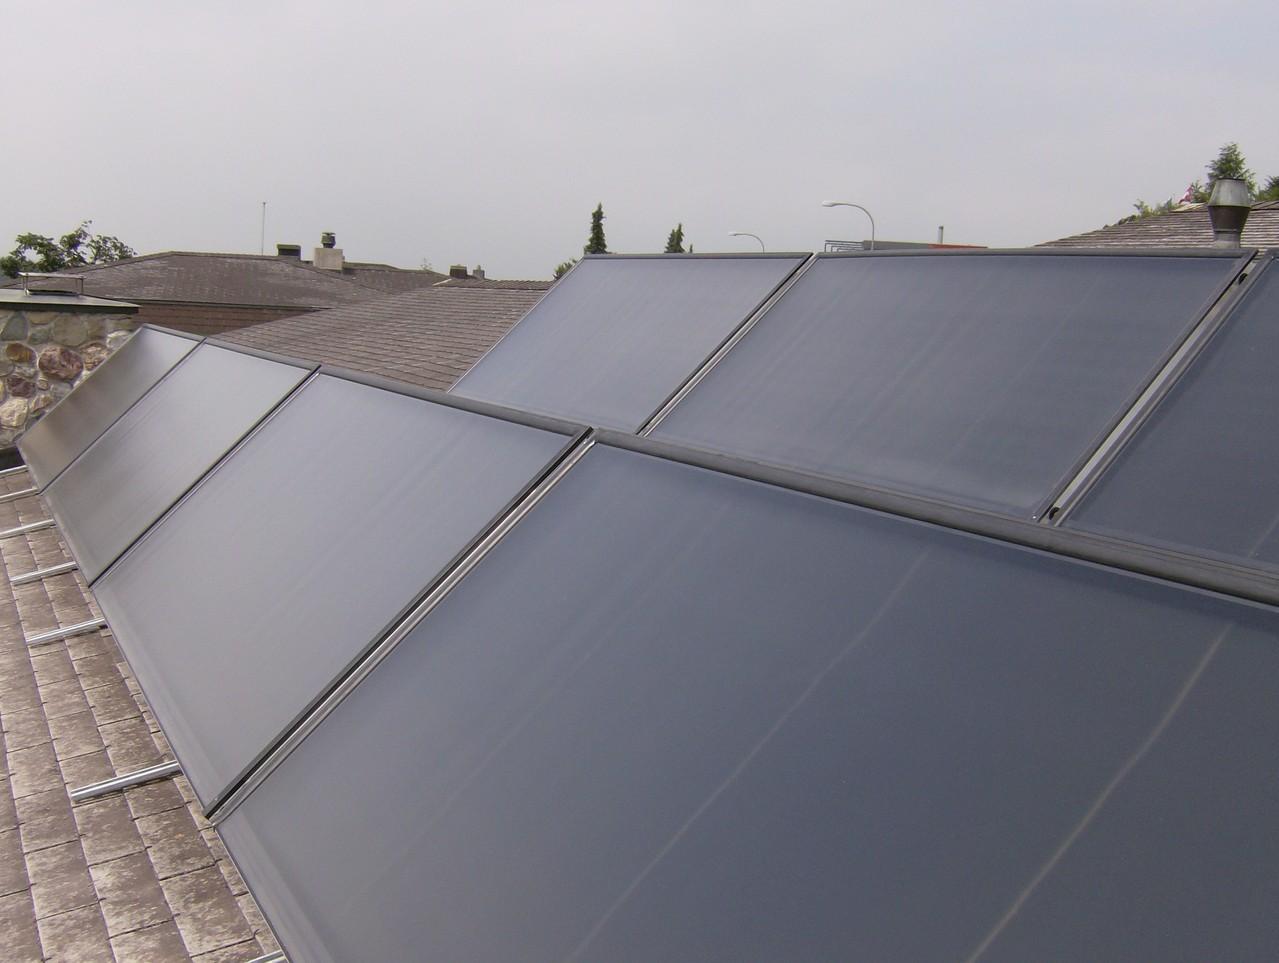 Warmwasseraufbereitung (Solar), Aufdachmontage